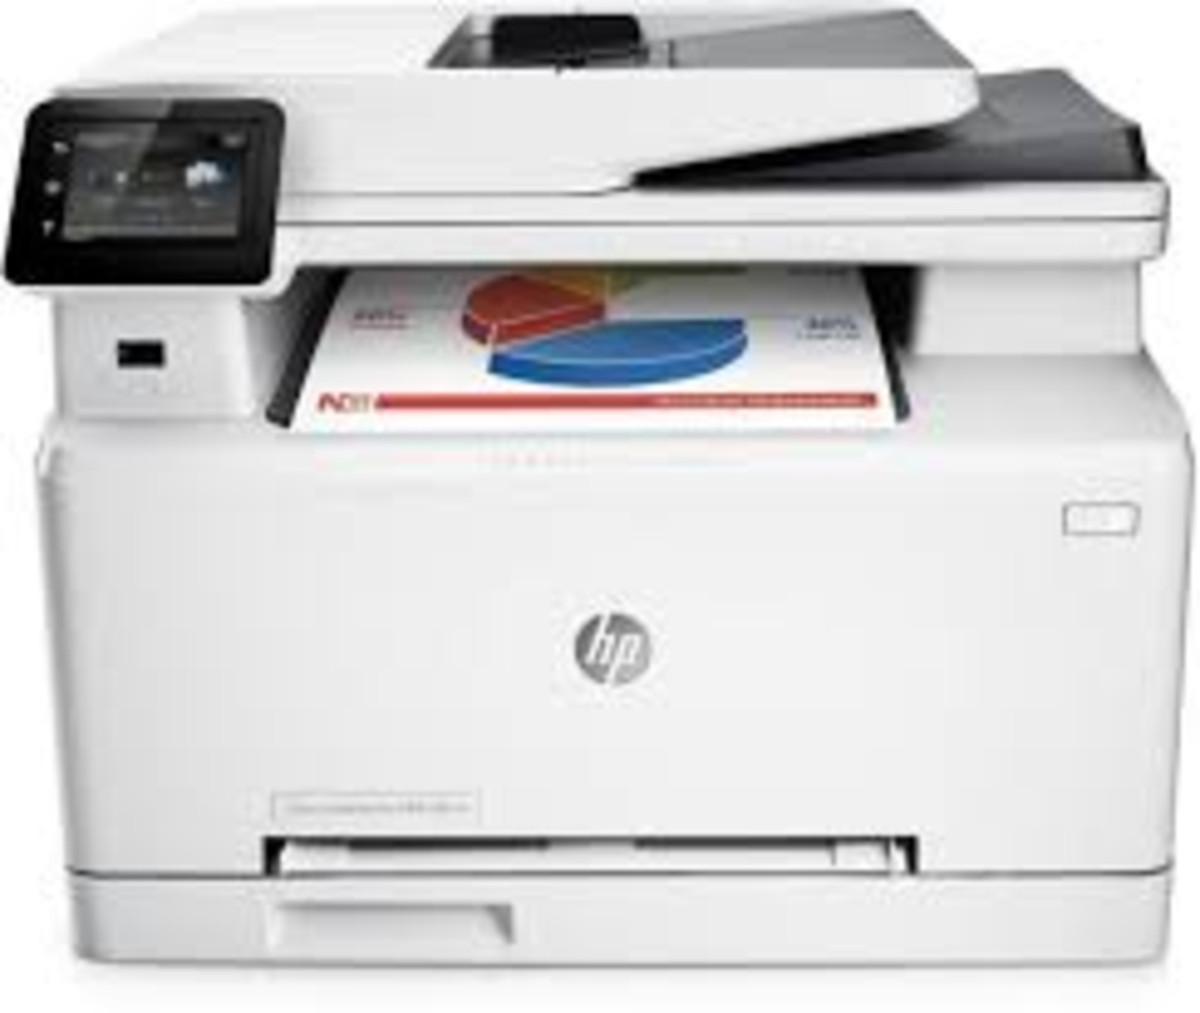 Hewlett Packard M277n Laser Printer